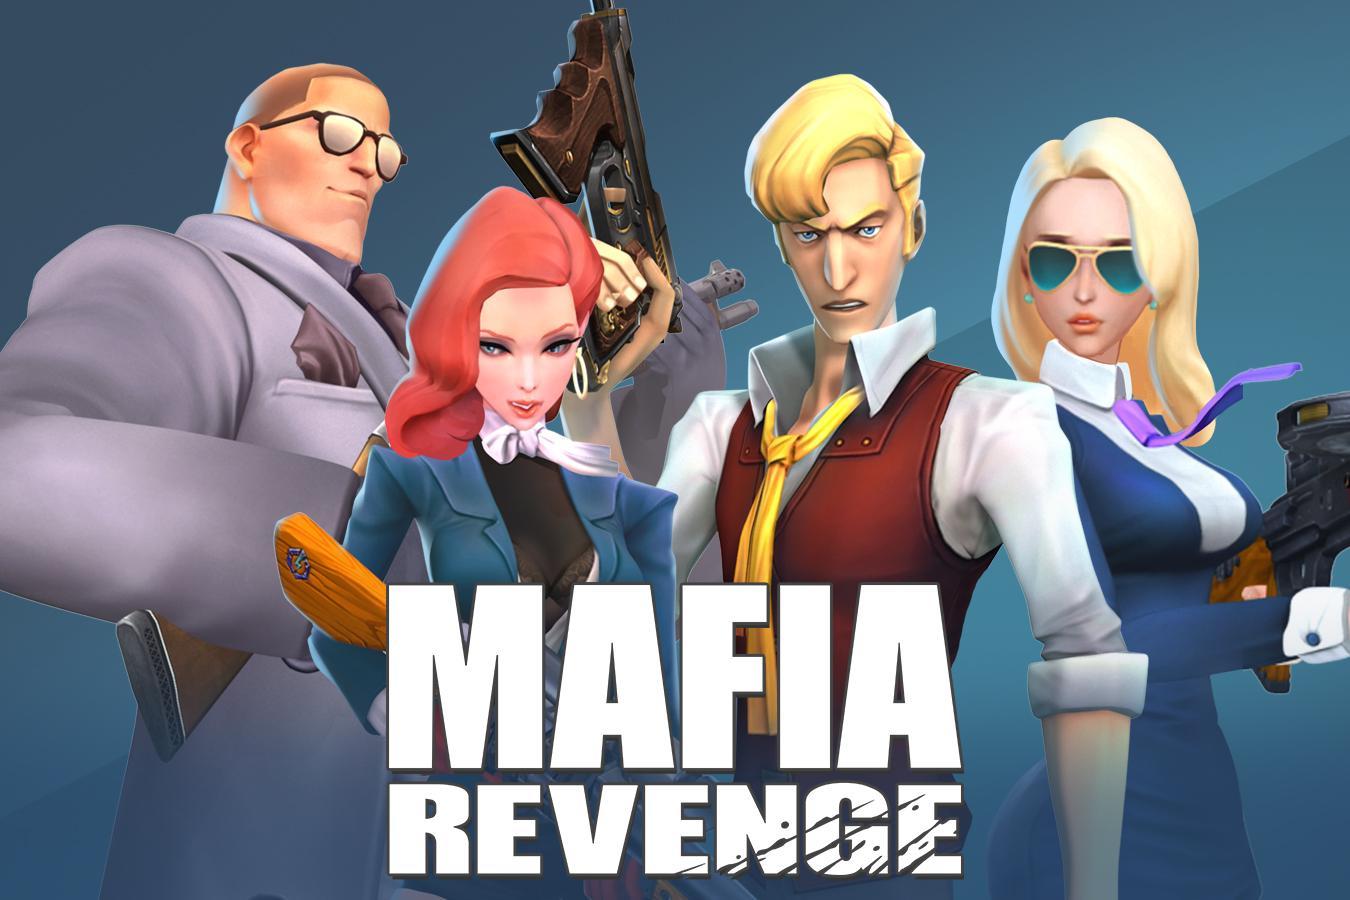 دانلود بازی انتقام مافیا Mafia Revenge